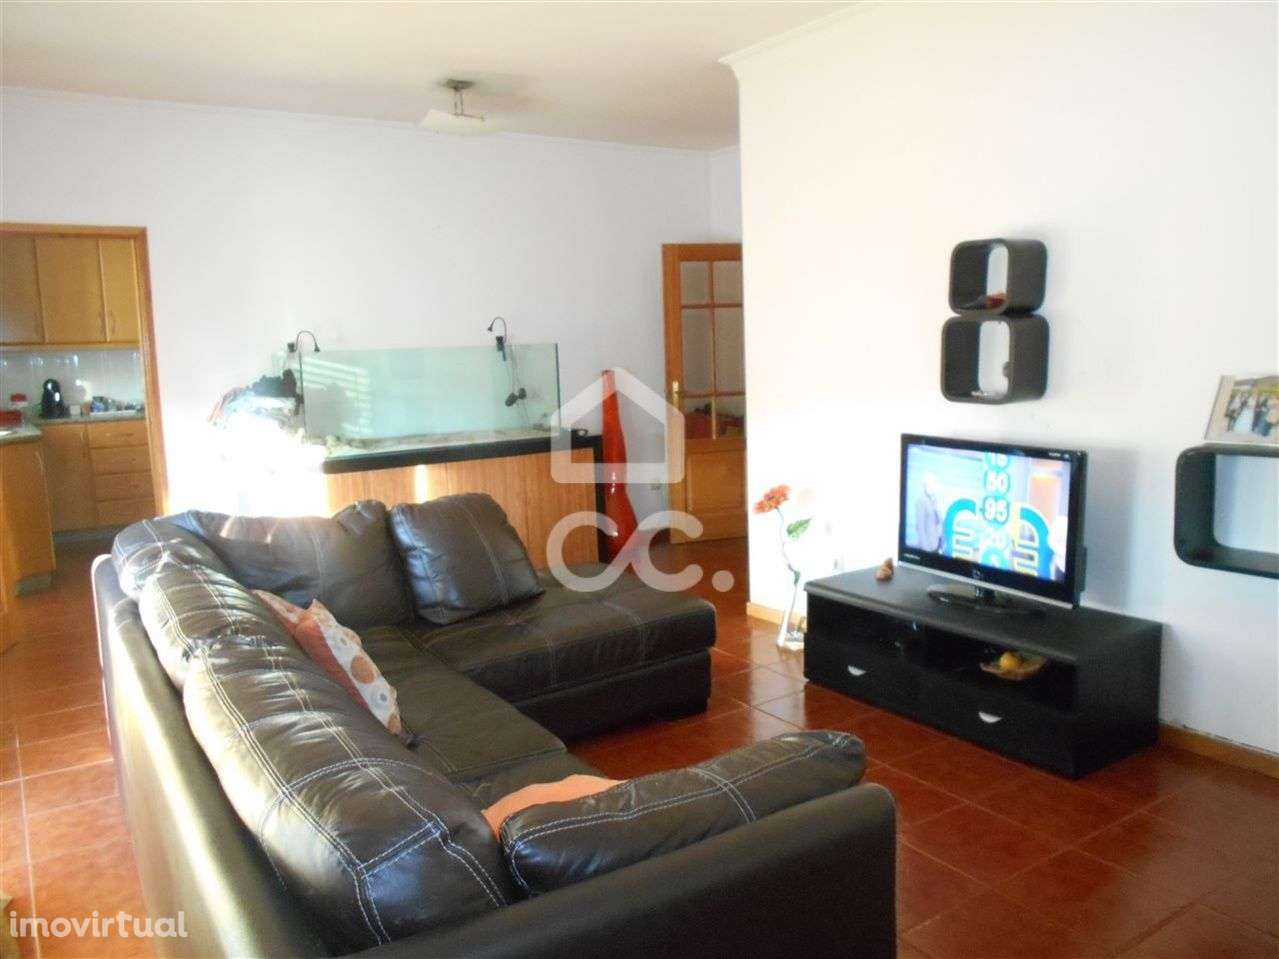 Apartamento para comprar, São Jorge (Selho), Guimarães, Braga - Foto 5